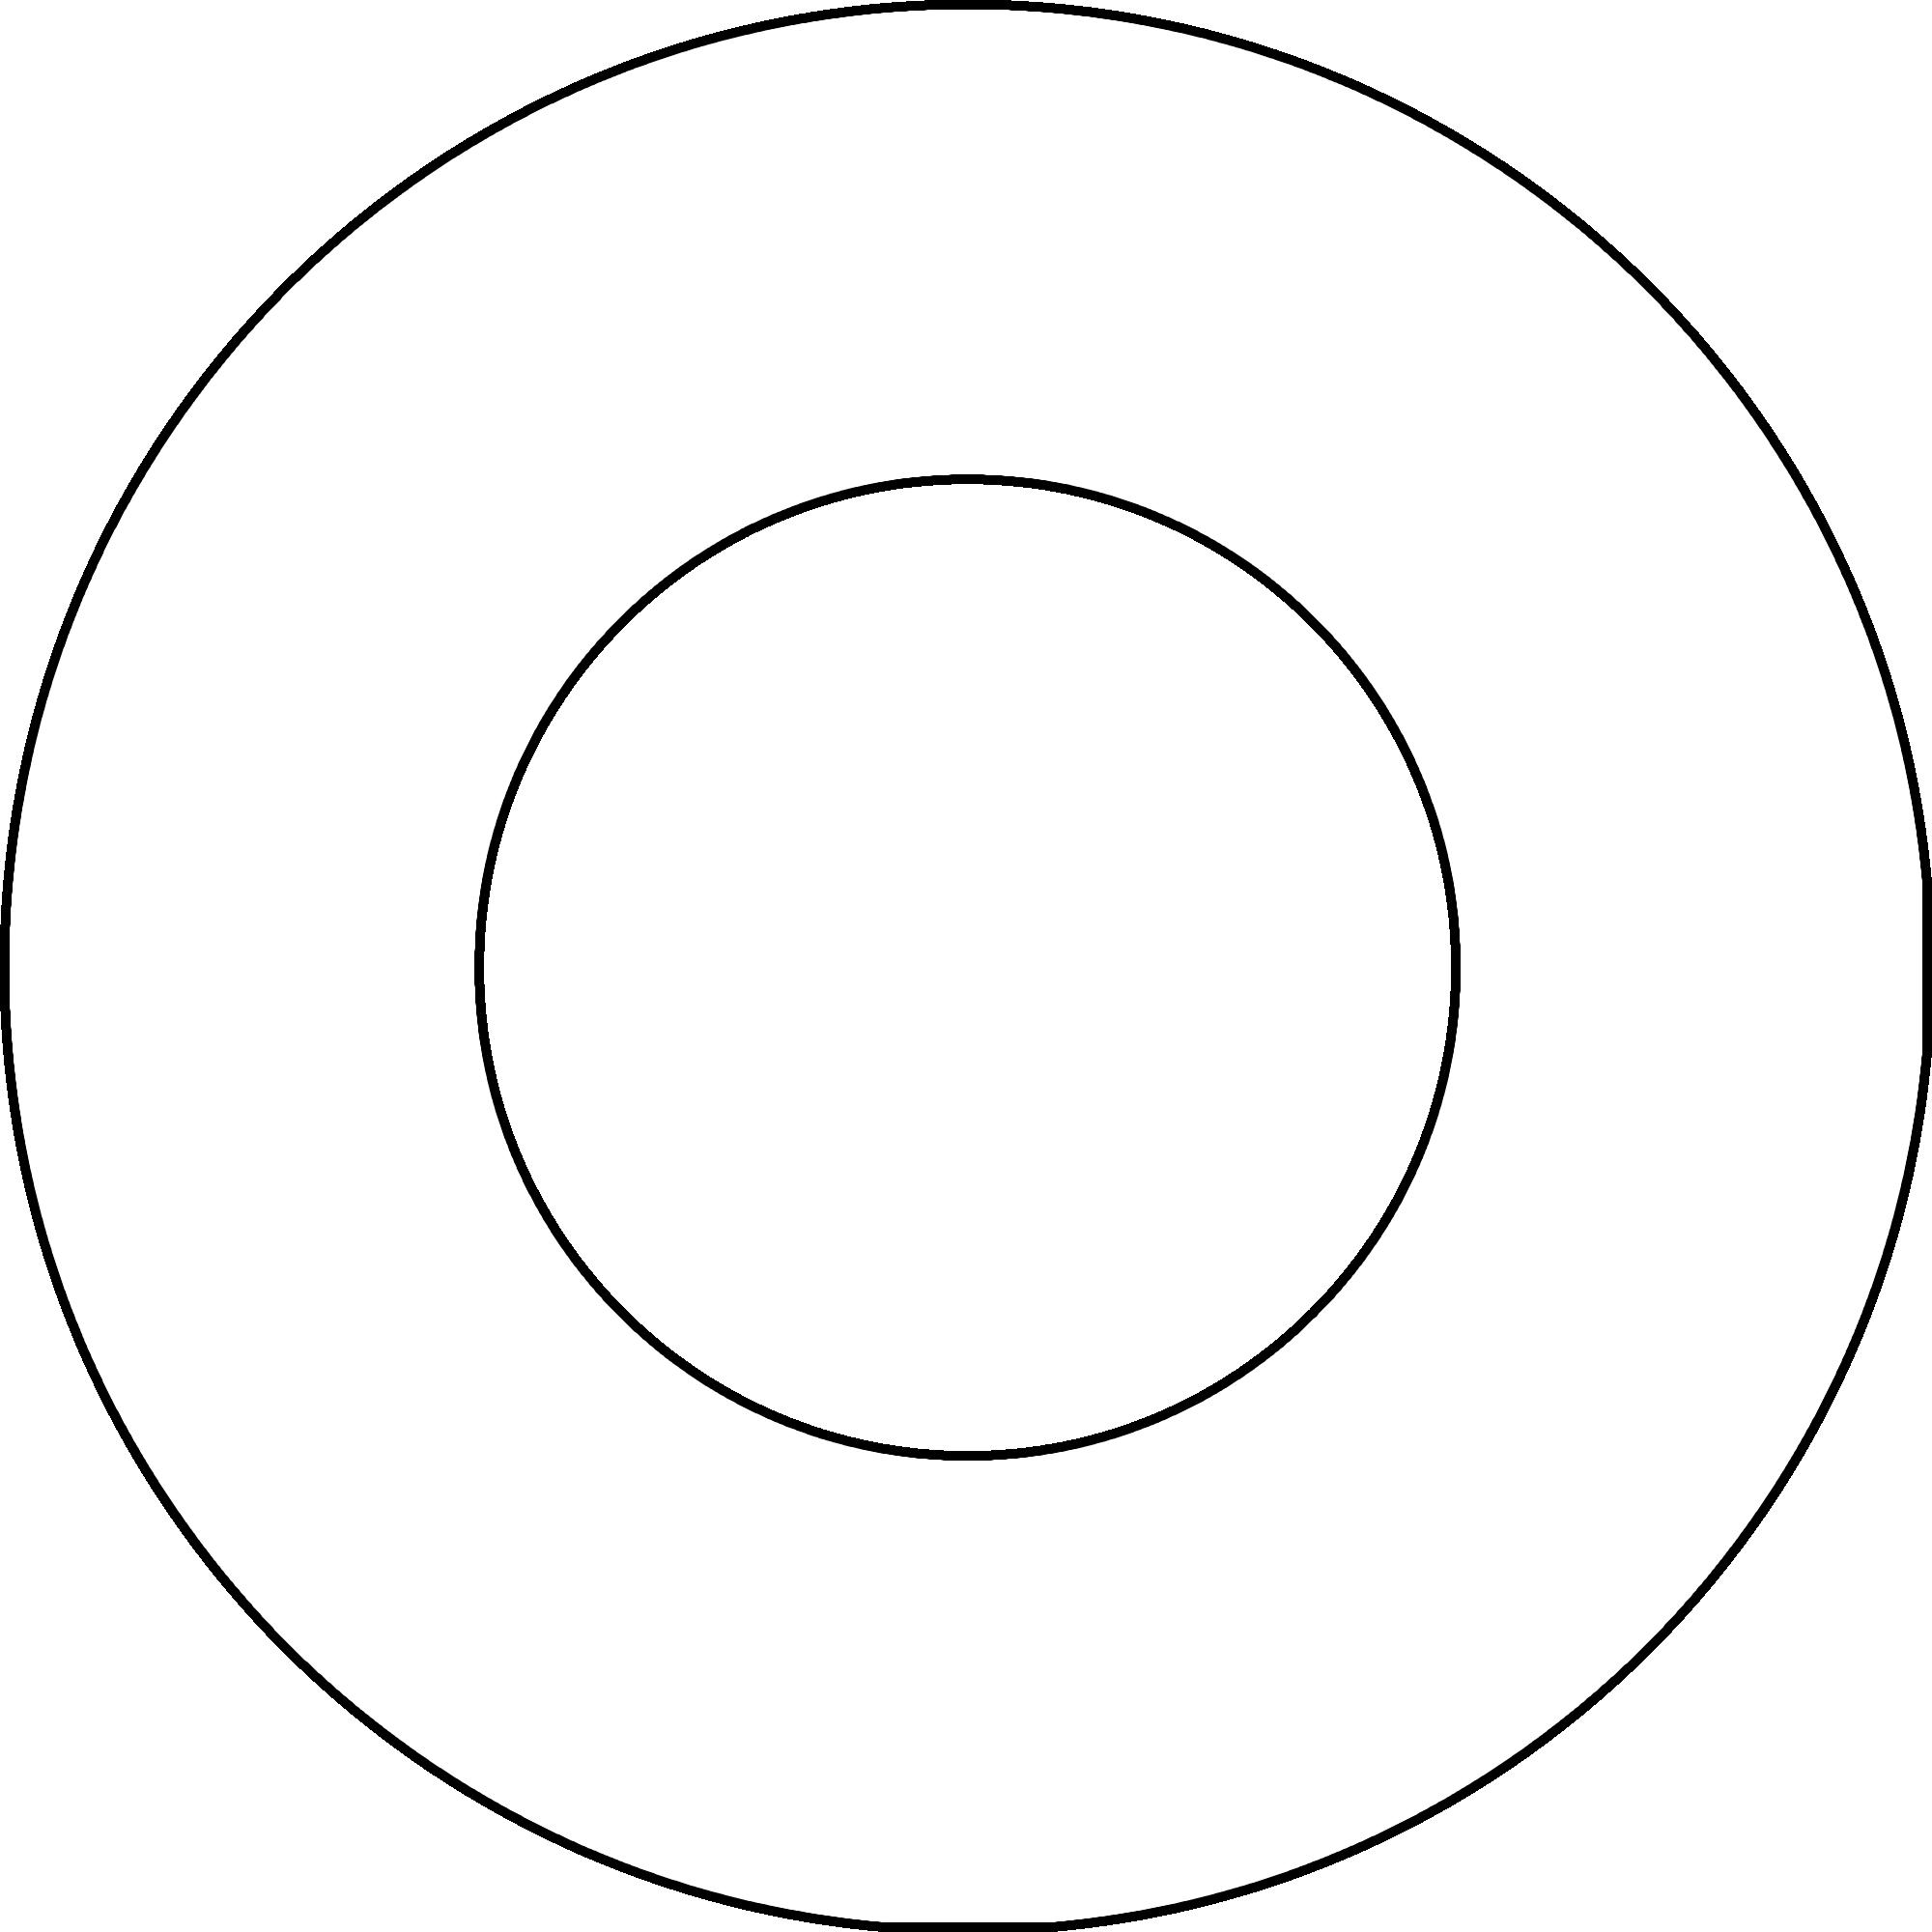 File:White circle.png.